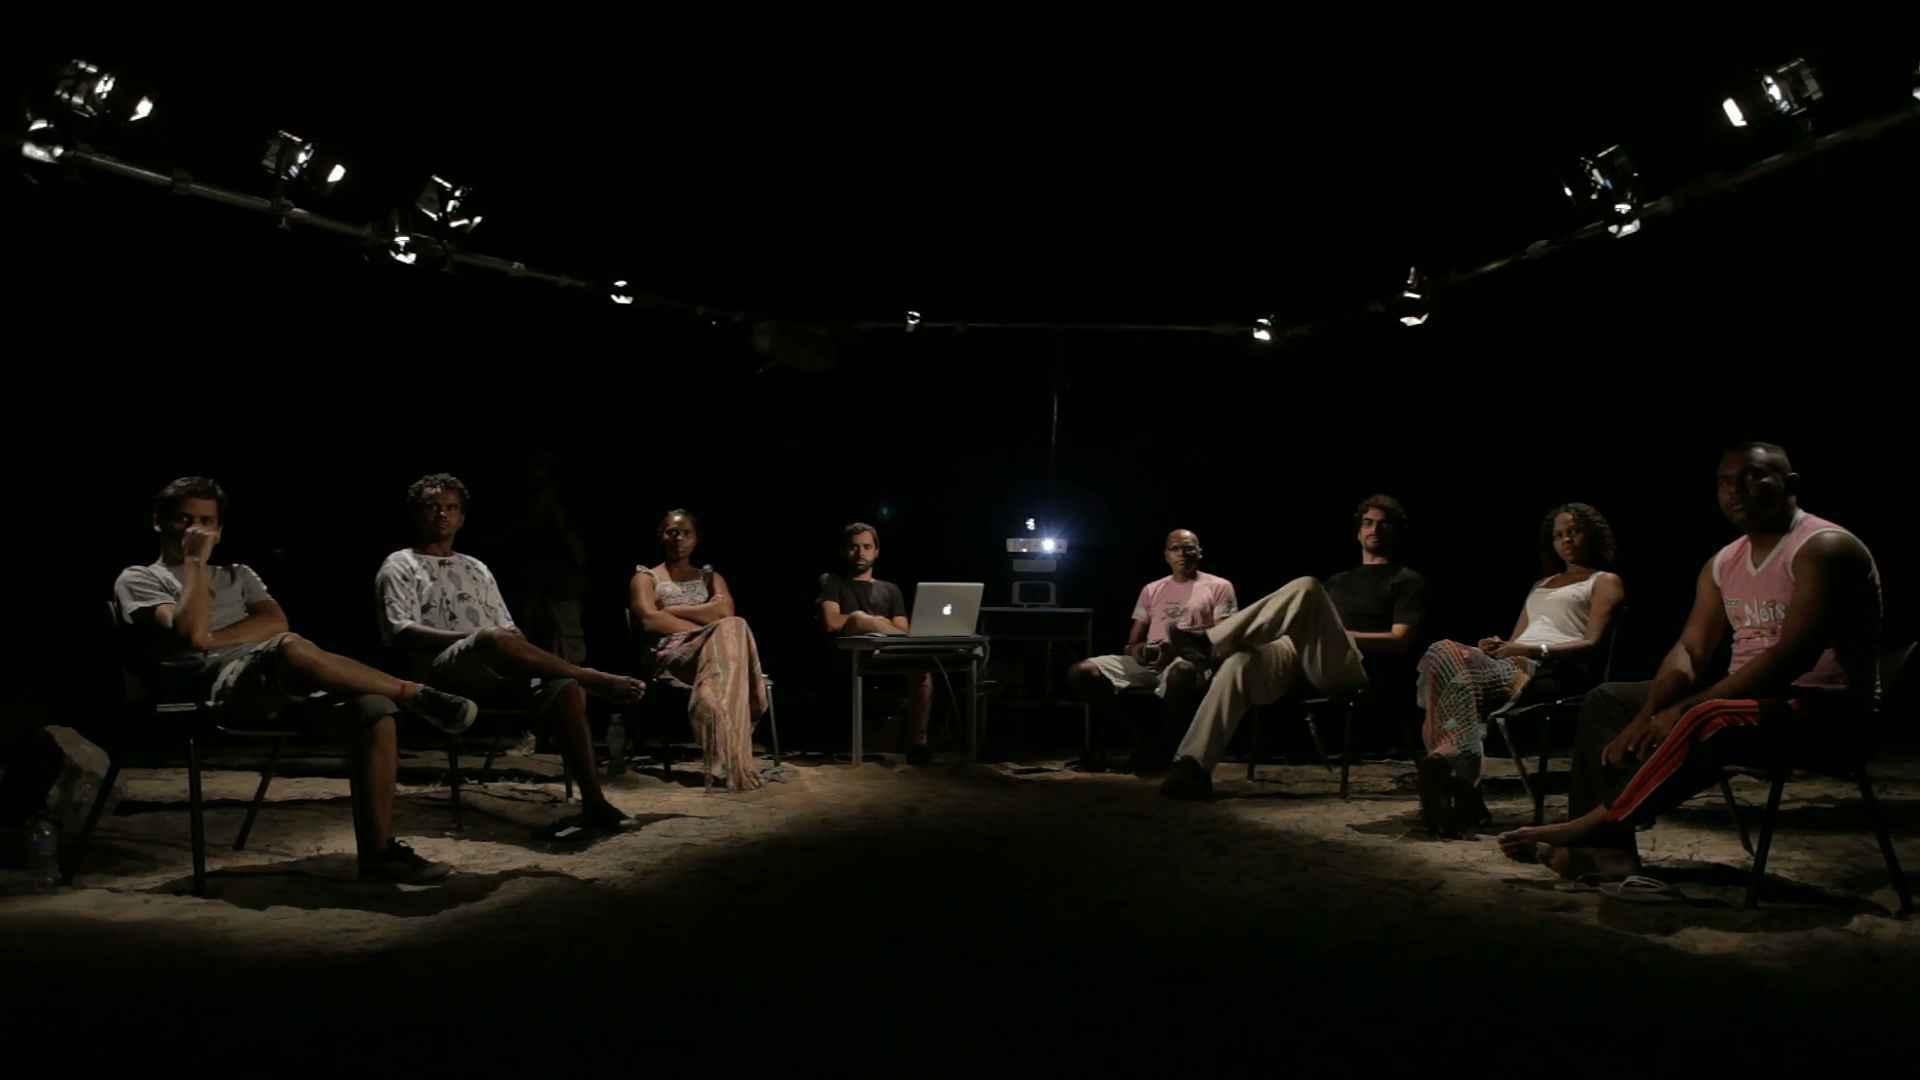 Filme Blackout é um dos que serão exibidos na mostra on-line